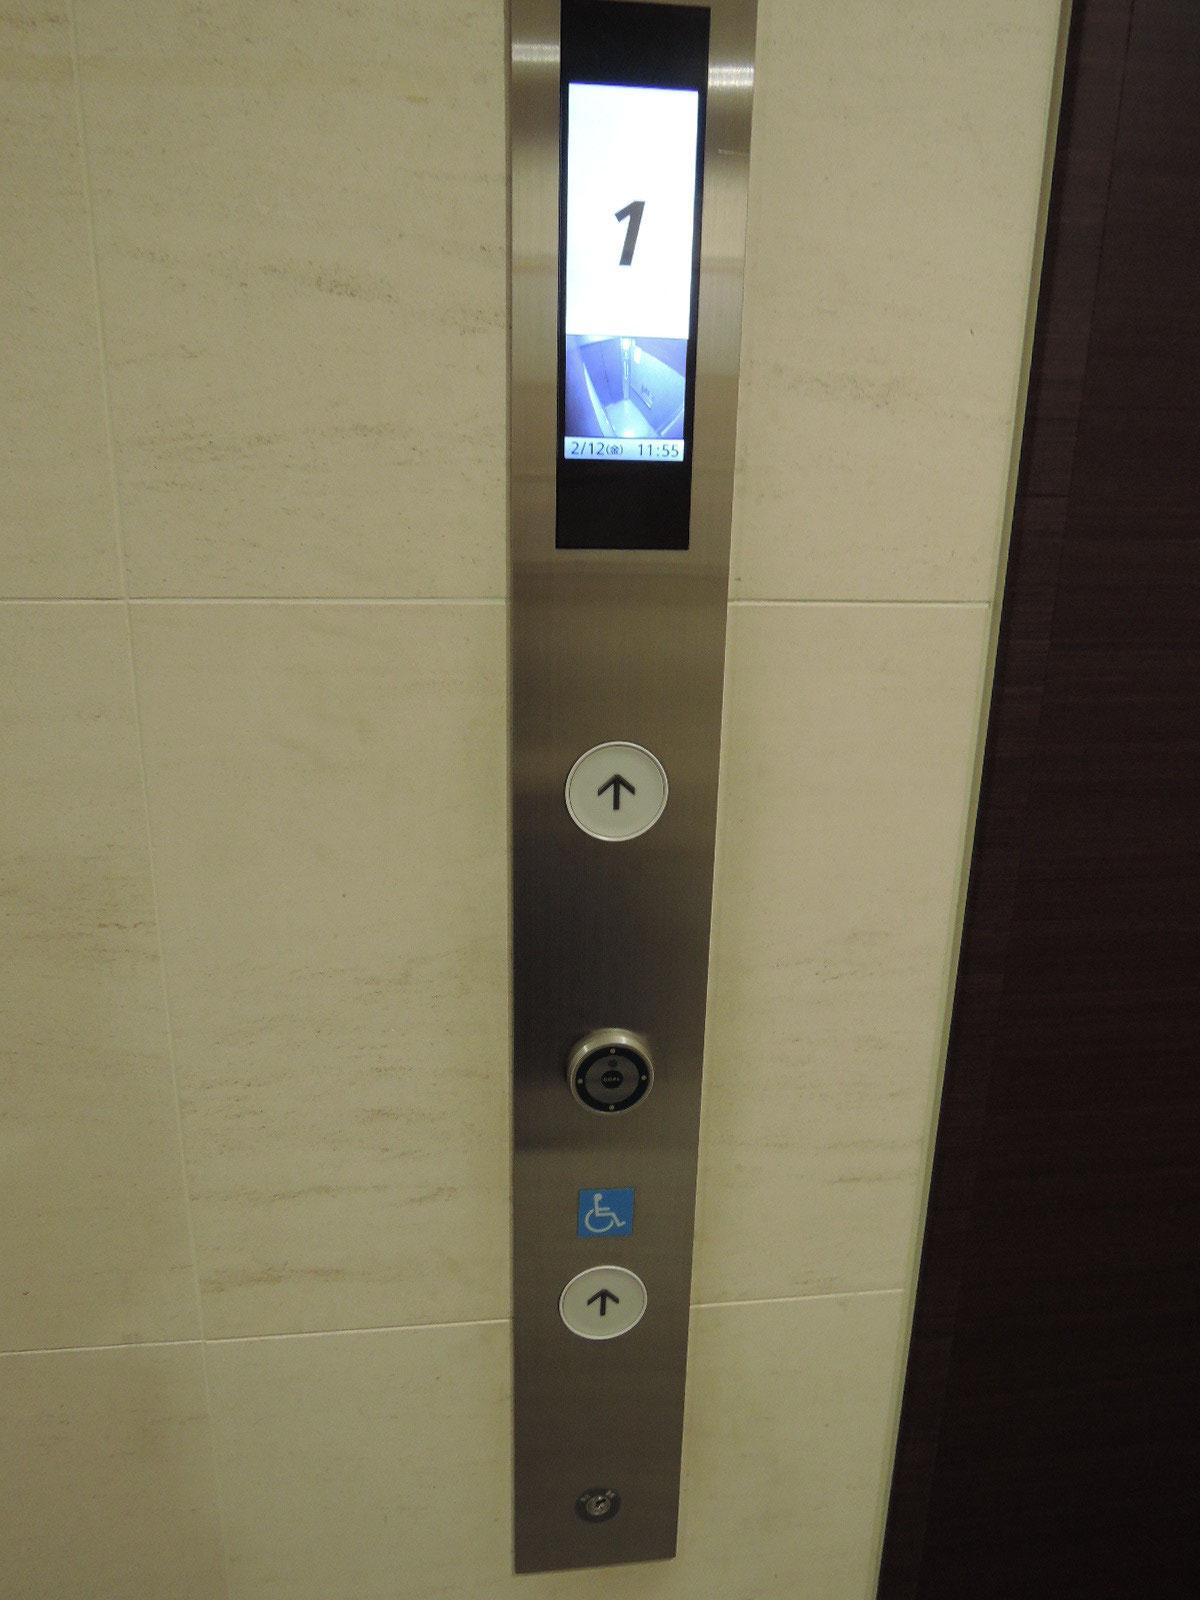 エントランスを入ると内部モニター付のエレベーター。お部屋の鍵が無いと呼べません